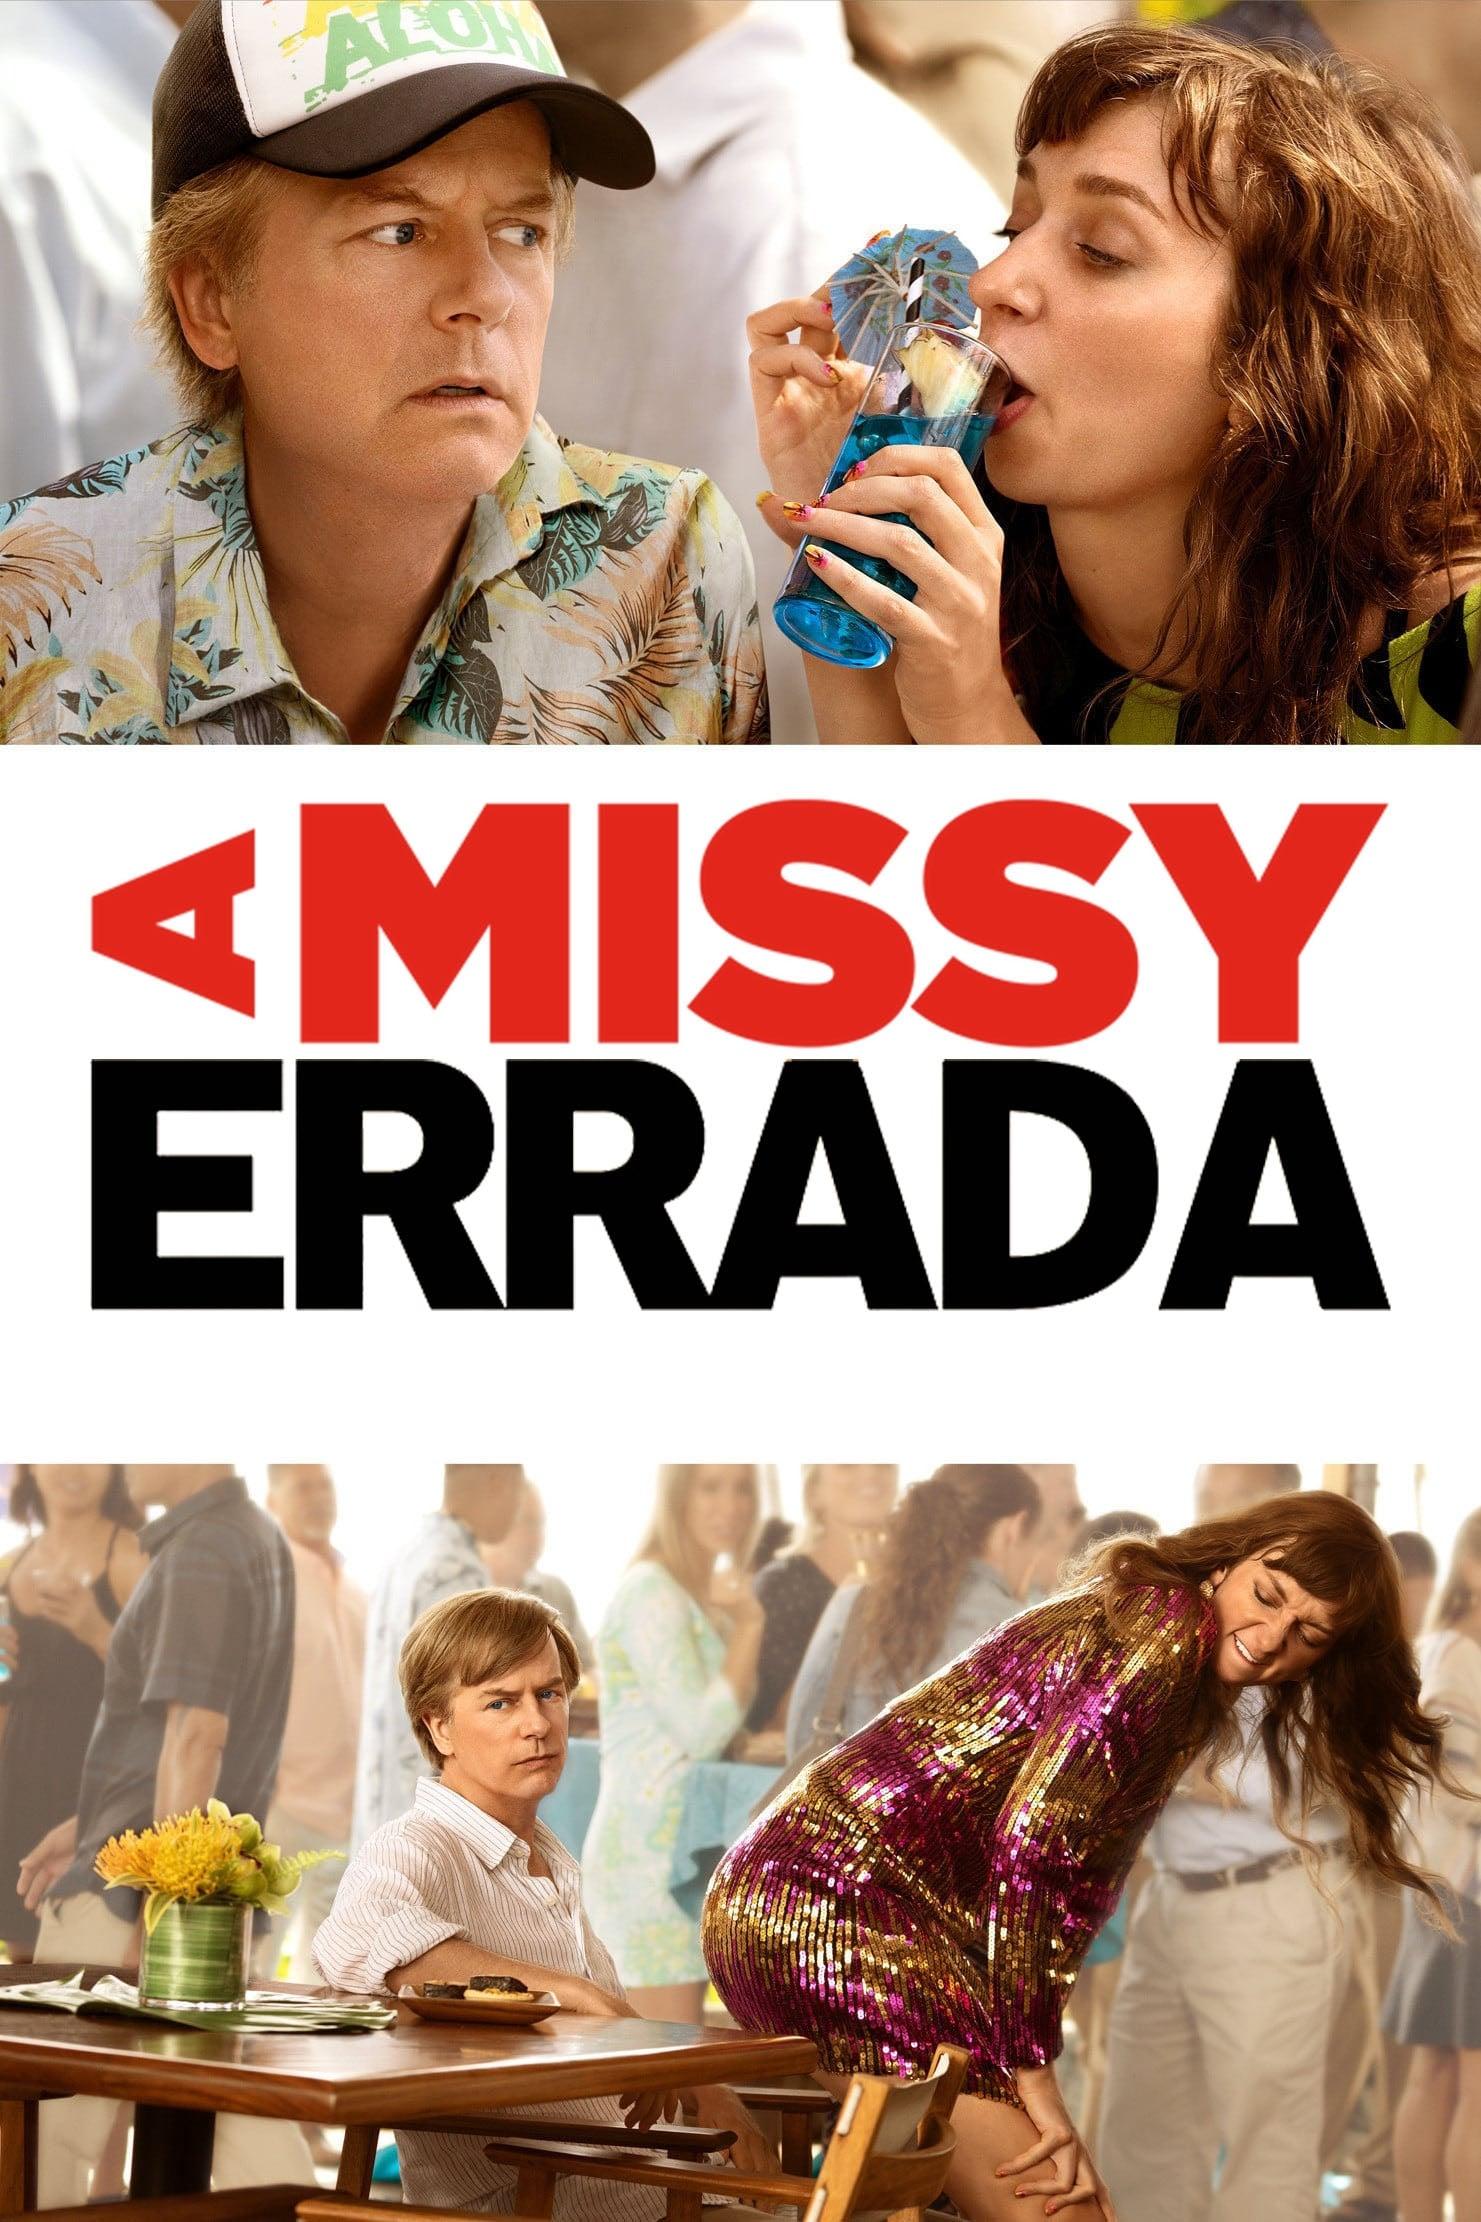 assistir filme a missy errada